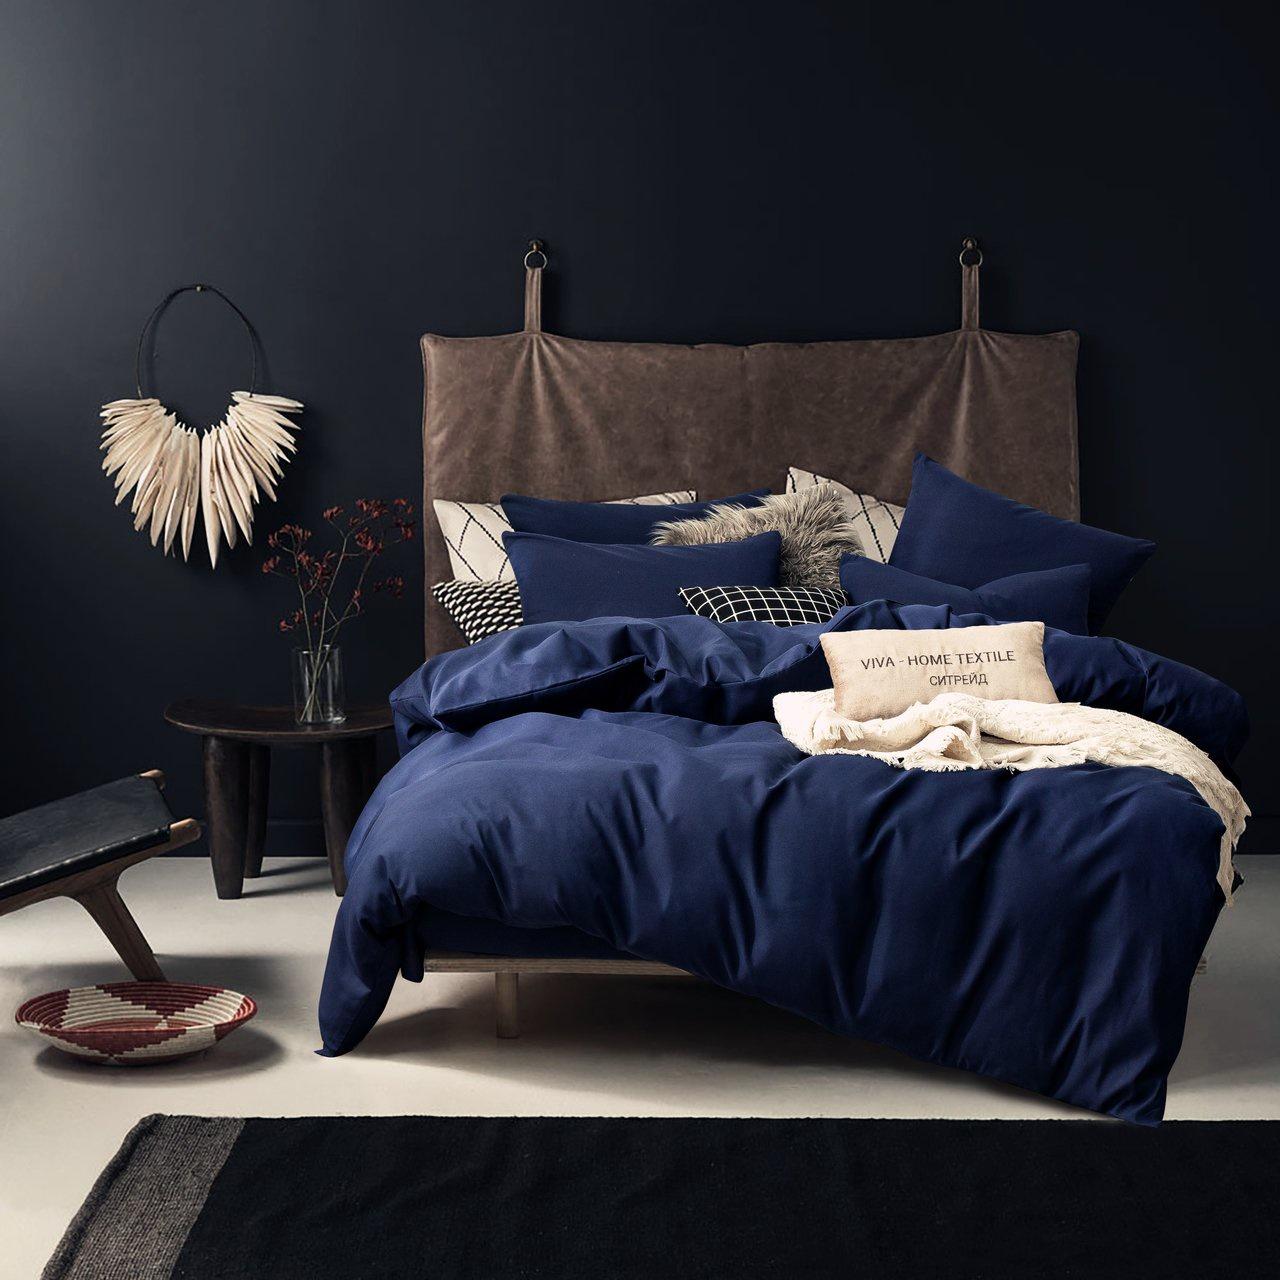 Комплект постельного белья Ситрейд CS021-E 4 Евро, наволочки 4 шт комплект постельного белья ситрейд ac053 e 4 евро наволочки 4 шт